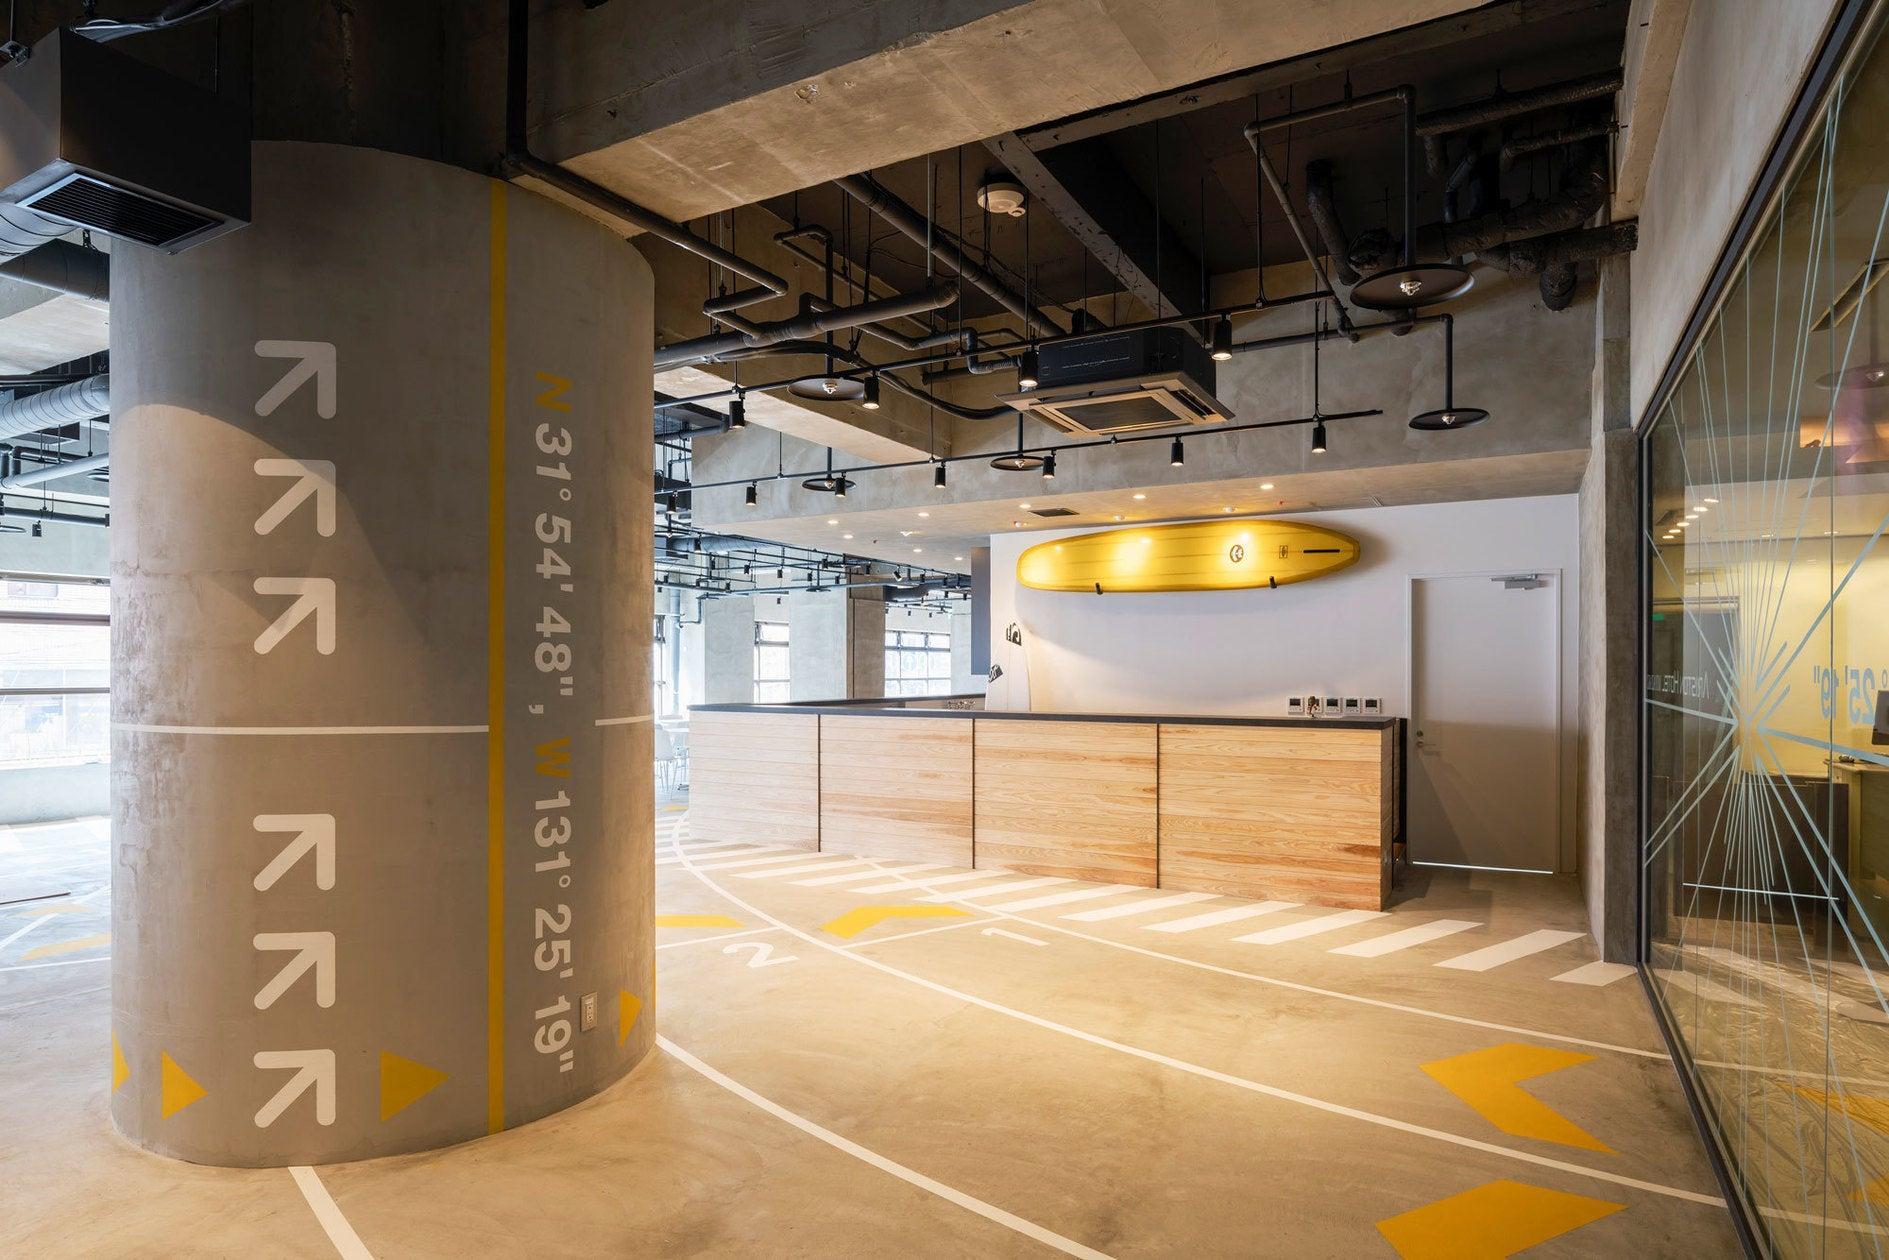 【アリストンホテル宮崎】レストランラウンジ花風-KAHU- フィールドスペース の写真